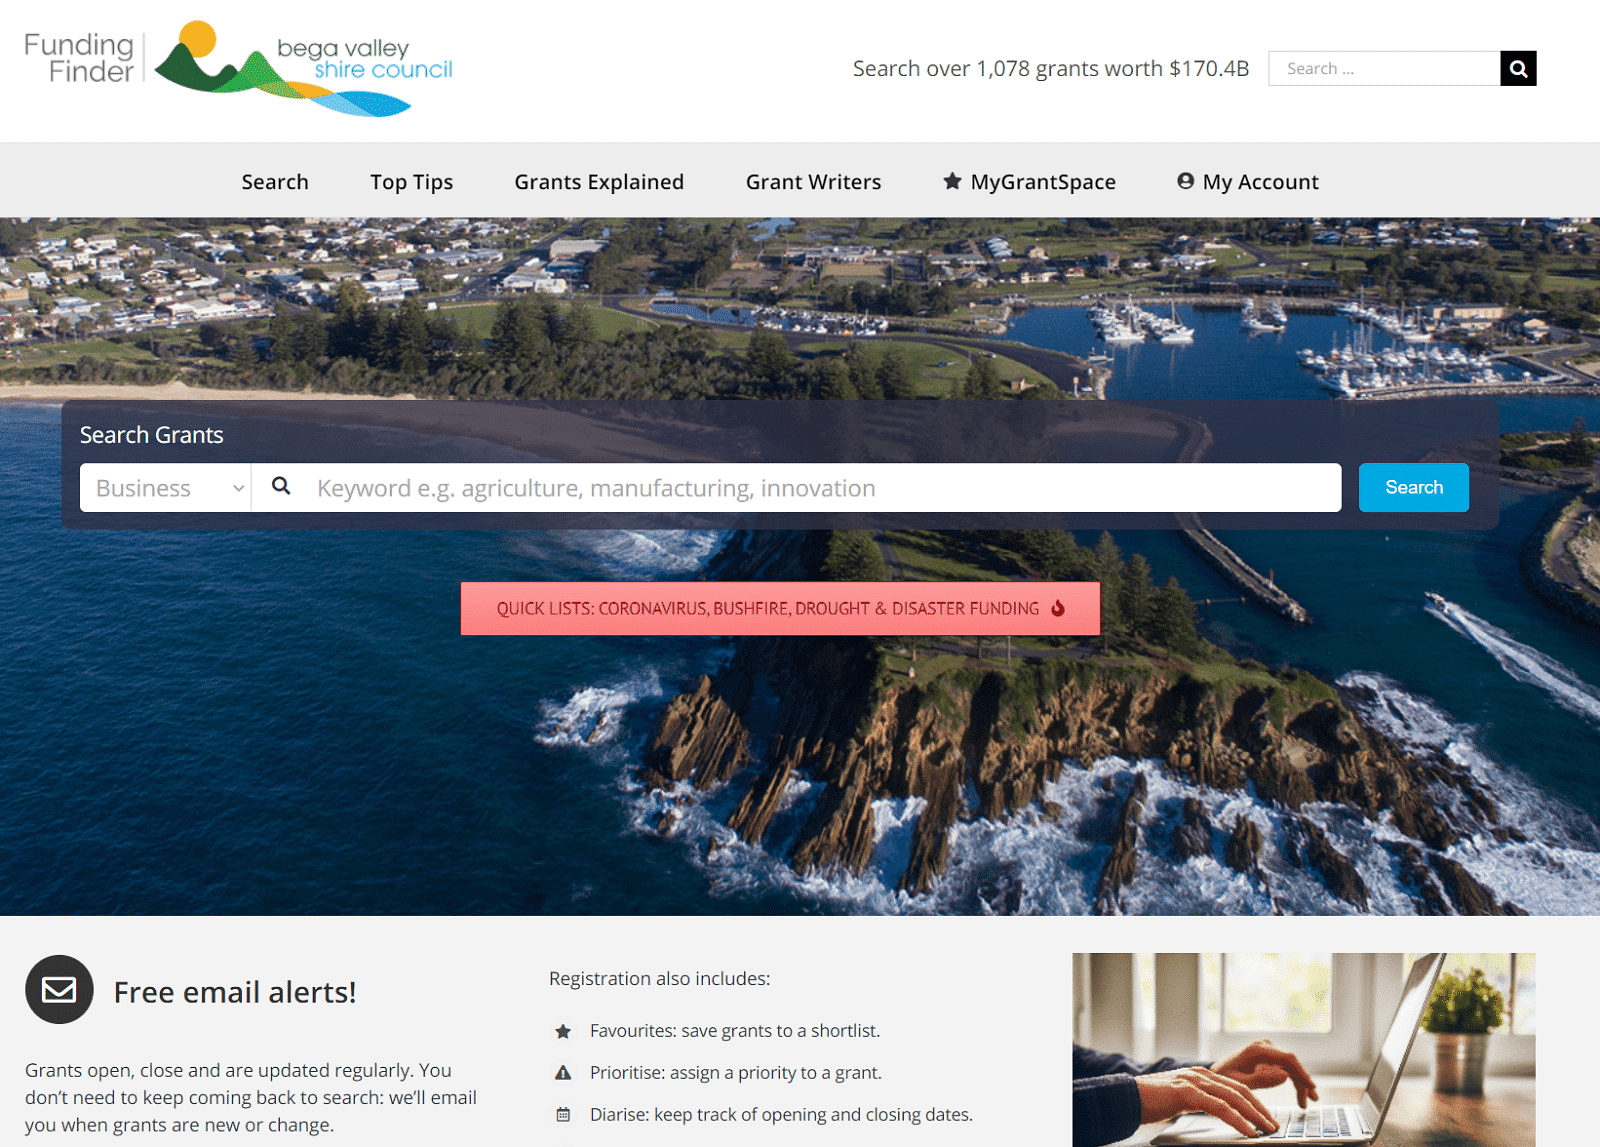 Funding Finder homepage.